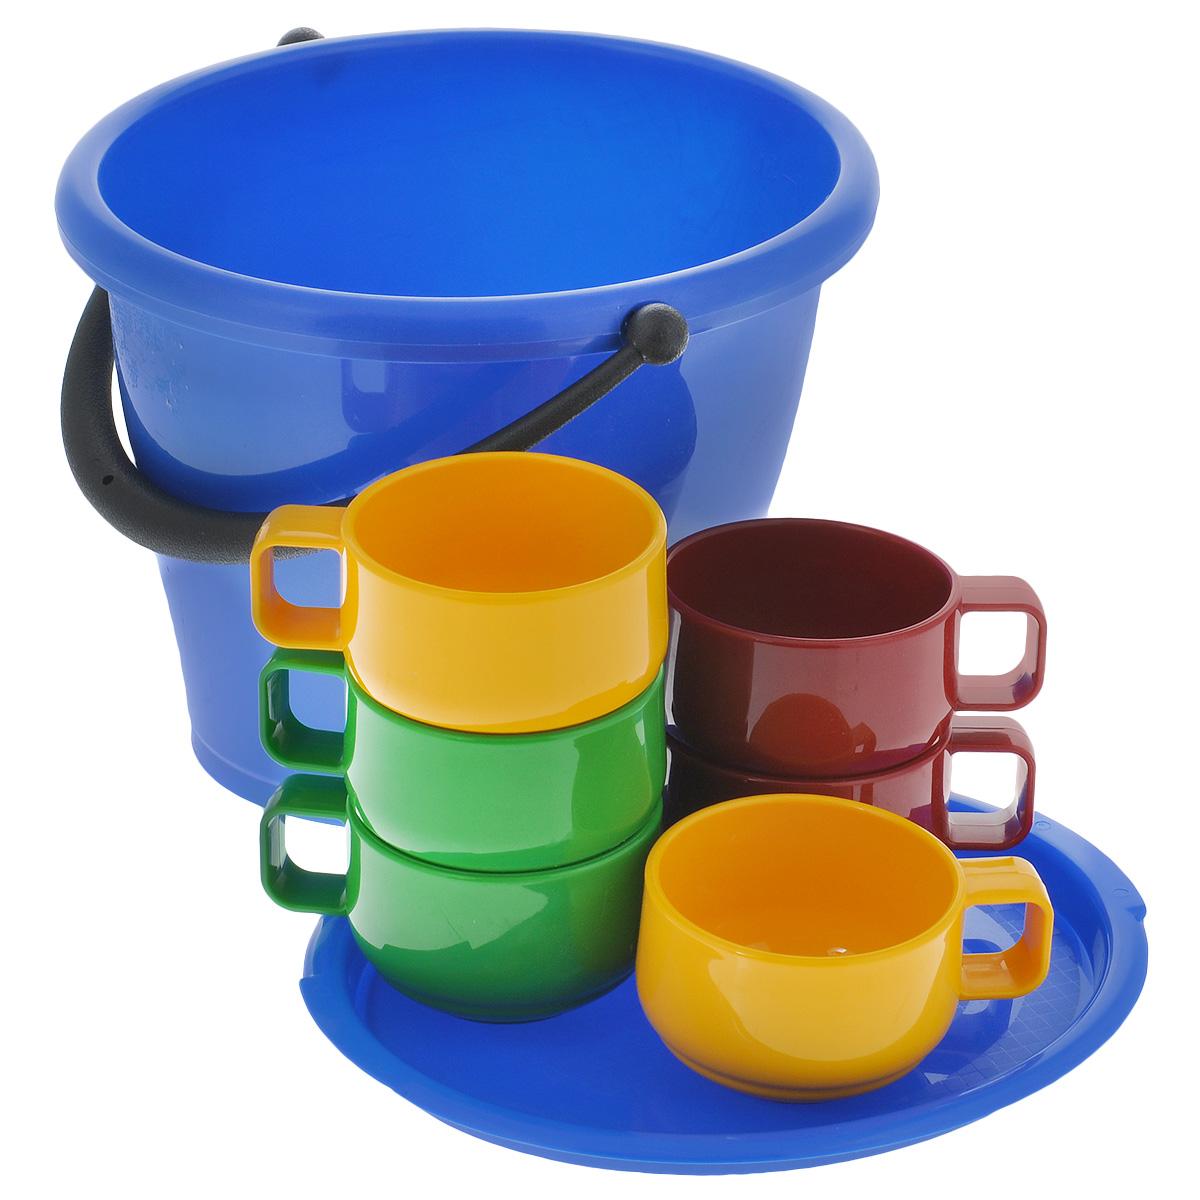 Набор посуды Solaris, в ведре, 7 предметовFMT-T10В набор посуды Solaris входит 6 толстостенных эргономичных чашек из качественного полипропилена и ведро объемом 5 л с герметичной крышкой. Ведро можно использовать как пищевой контейнер, для приготовления шашлыка, засолки овощей, для хранения питьевой воды и т.п.В походном положении стаканы находятся внутри ведерка.Свойства посуды:Посуда из ударопрочного пищевого полипропилена предназначена для многократного использования. Легкая, прочная и износостойкая, экологически чистая, эта посуда работает в диапазоне температур от -25°С до +110°С. Можно мыть в посудомоечной машине. Эта посуда также обеспечивает:Хранение горячих и холодных пищевых продуктов;Разогрев продуктов в микроволновой печи;Приготовление пищи в микроволновой печи на пару (пароварка);Хранение продуктов в холодильной и морозильной камере;Кипячение воды с помощью электрокипятильника.Объем ведра: 5 л.Размер ведра: 26,5 см х 23 см х 20,5 см.Объем чашек: 0,28 л.Диаметр чашек без учета ручки: 9,3 см.Высота чашек: 6,2 см.